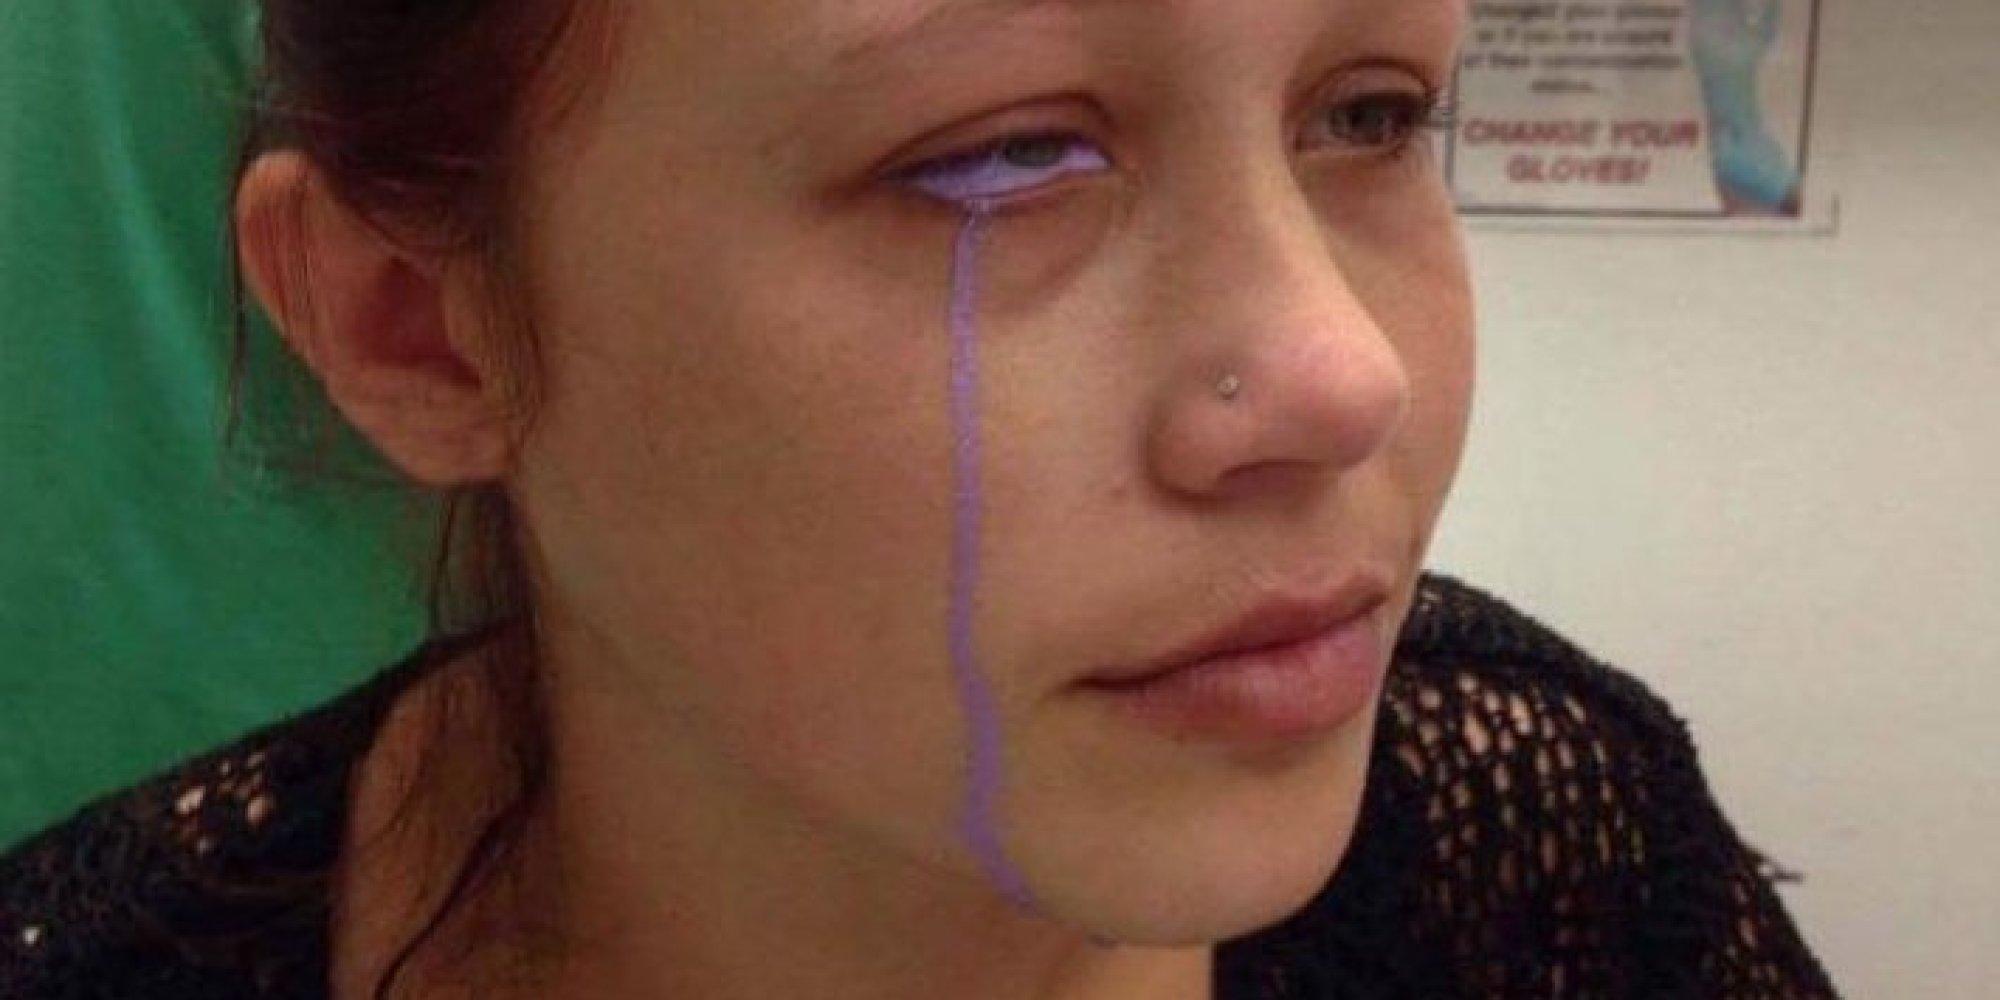 Ein Mann überredet seine Freundin zu einem Augen-Tattoo - das hat ...